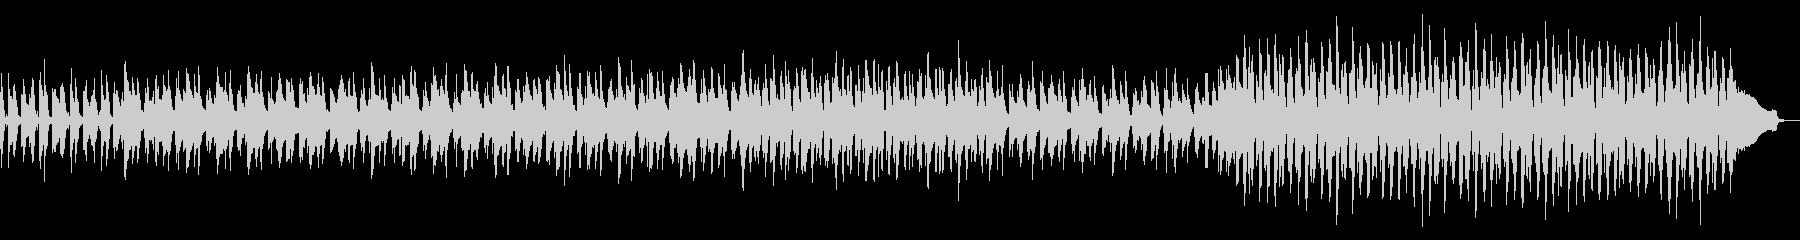 【メロディ・ドラム抜き】ムービーに最適…の未再生の波形